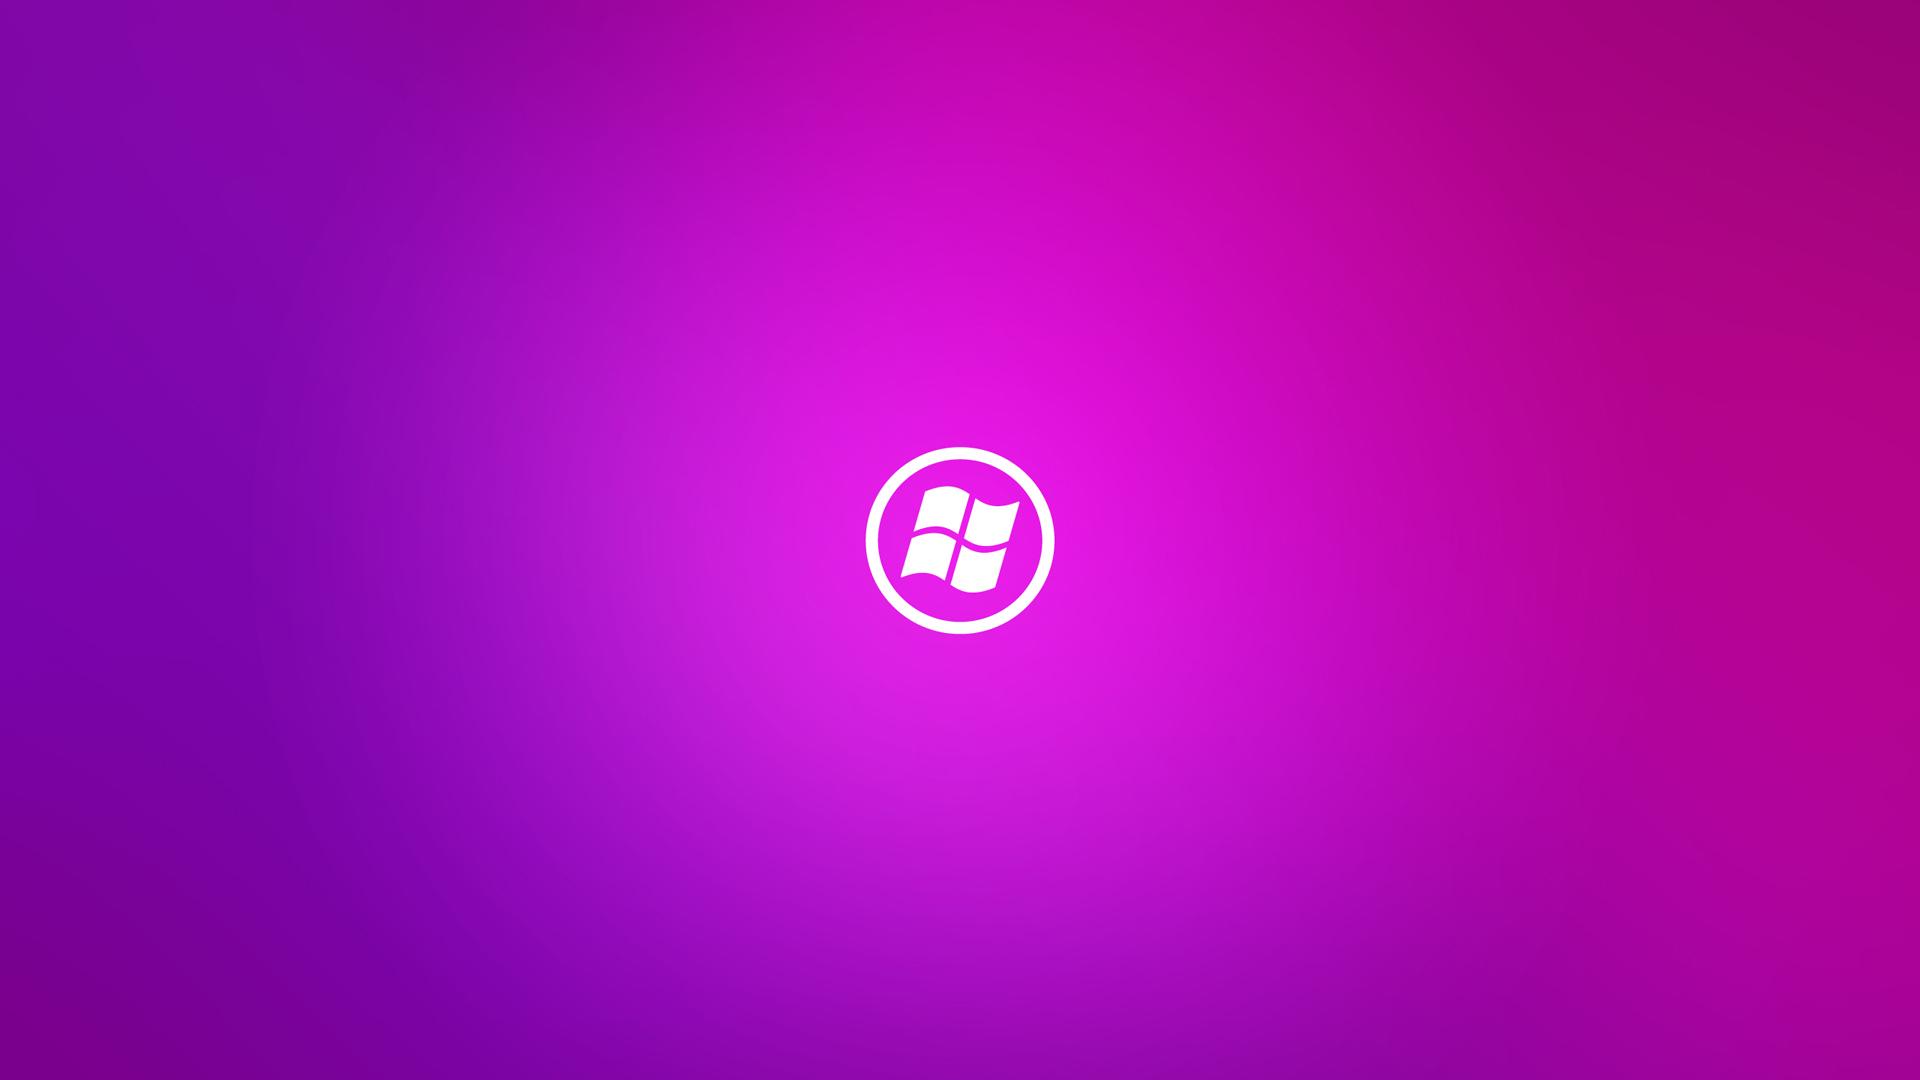 Purple Windows 10 Wallpaper